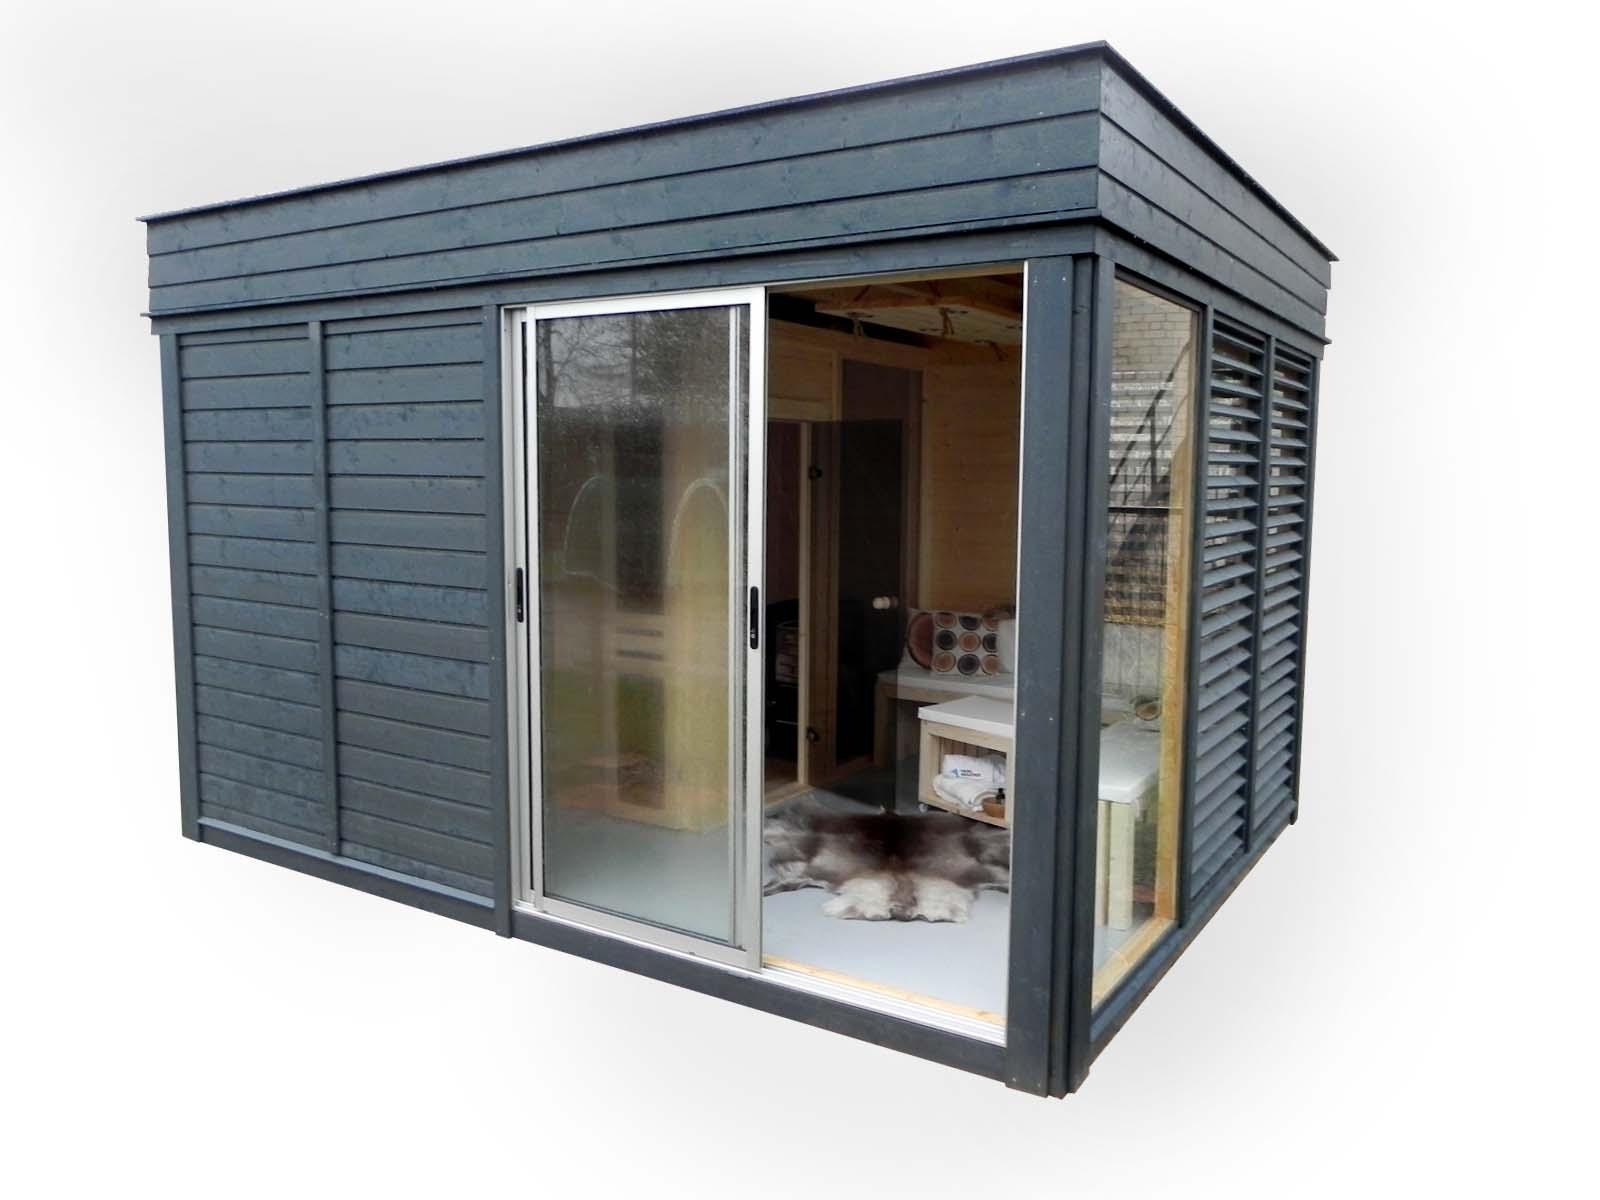 Full Size of Gartensauna Sauna Cube 4 3 M Breite Tiefe Aus Fichtenholz Wohnzimmer Gartensauna Bausatz